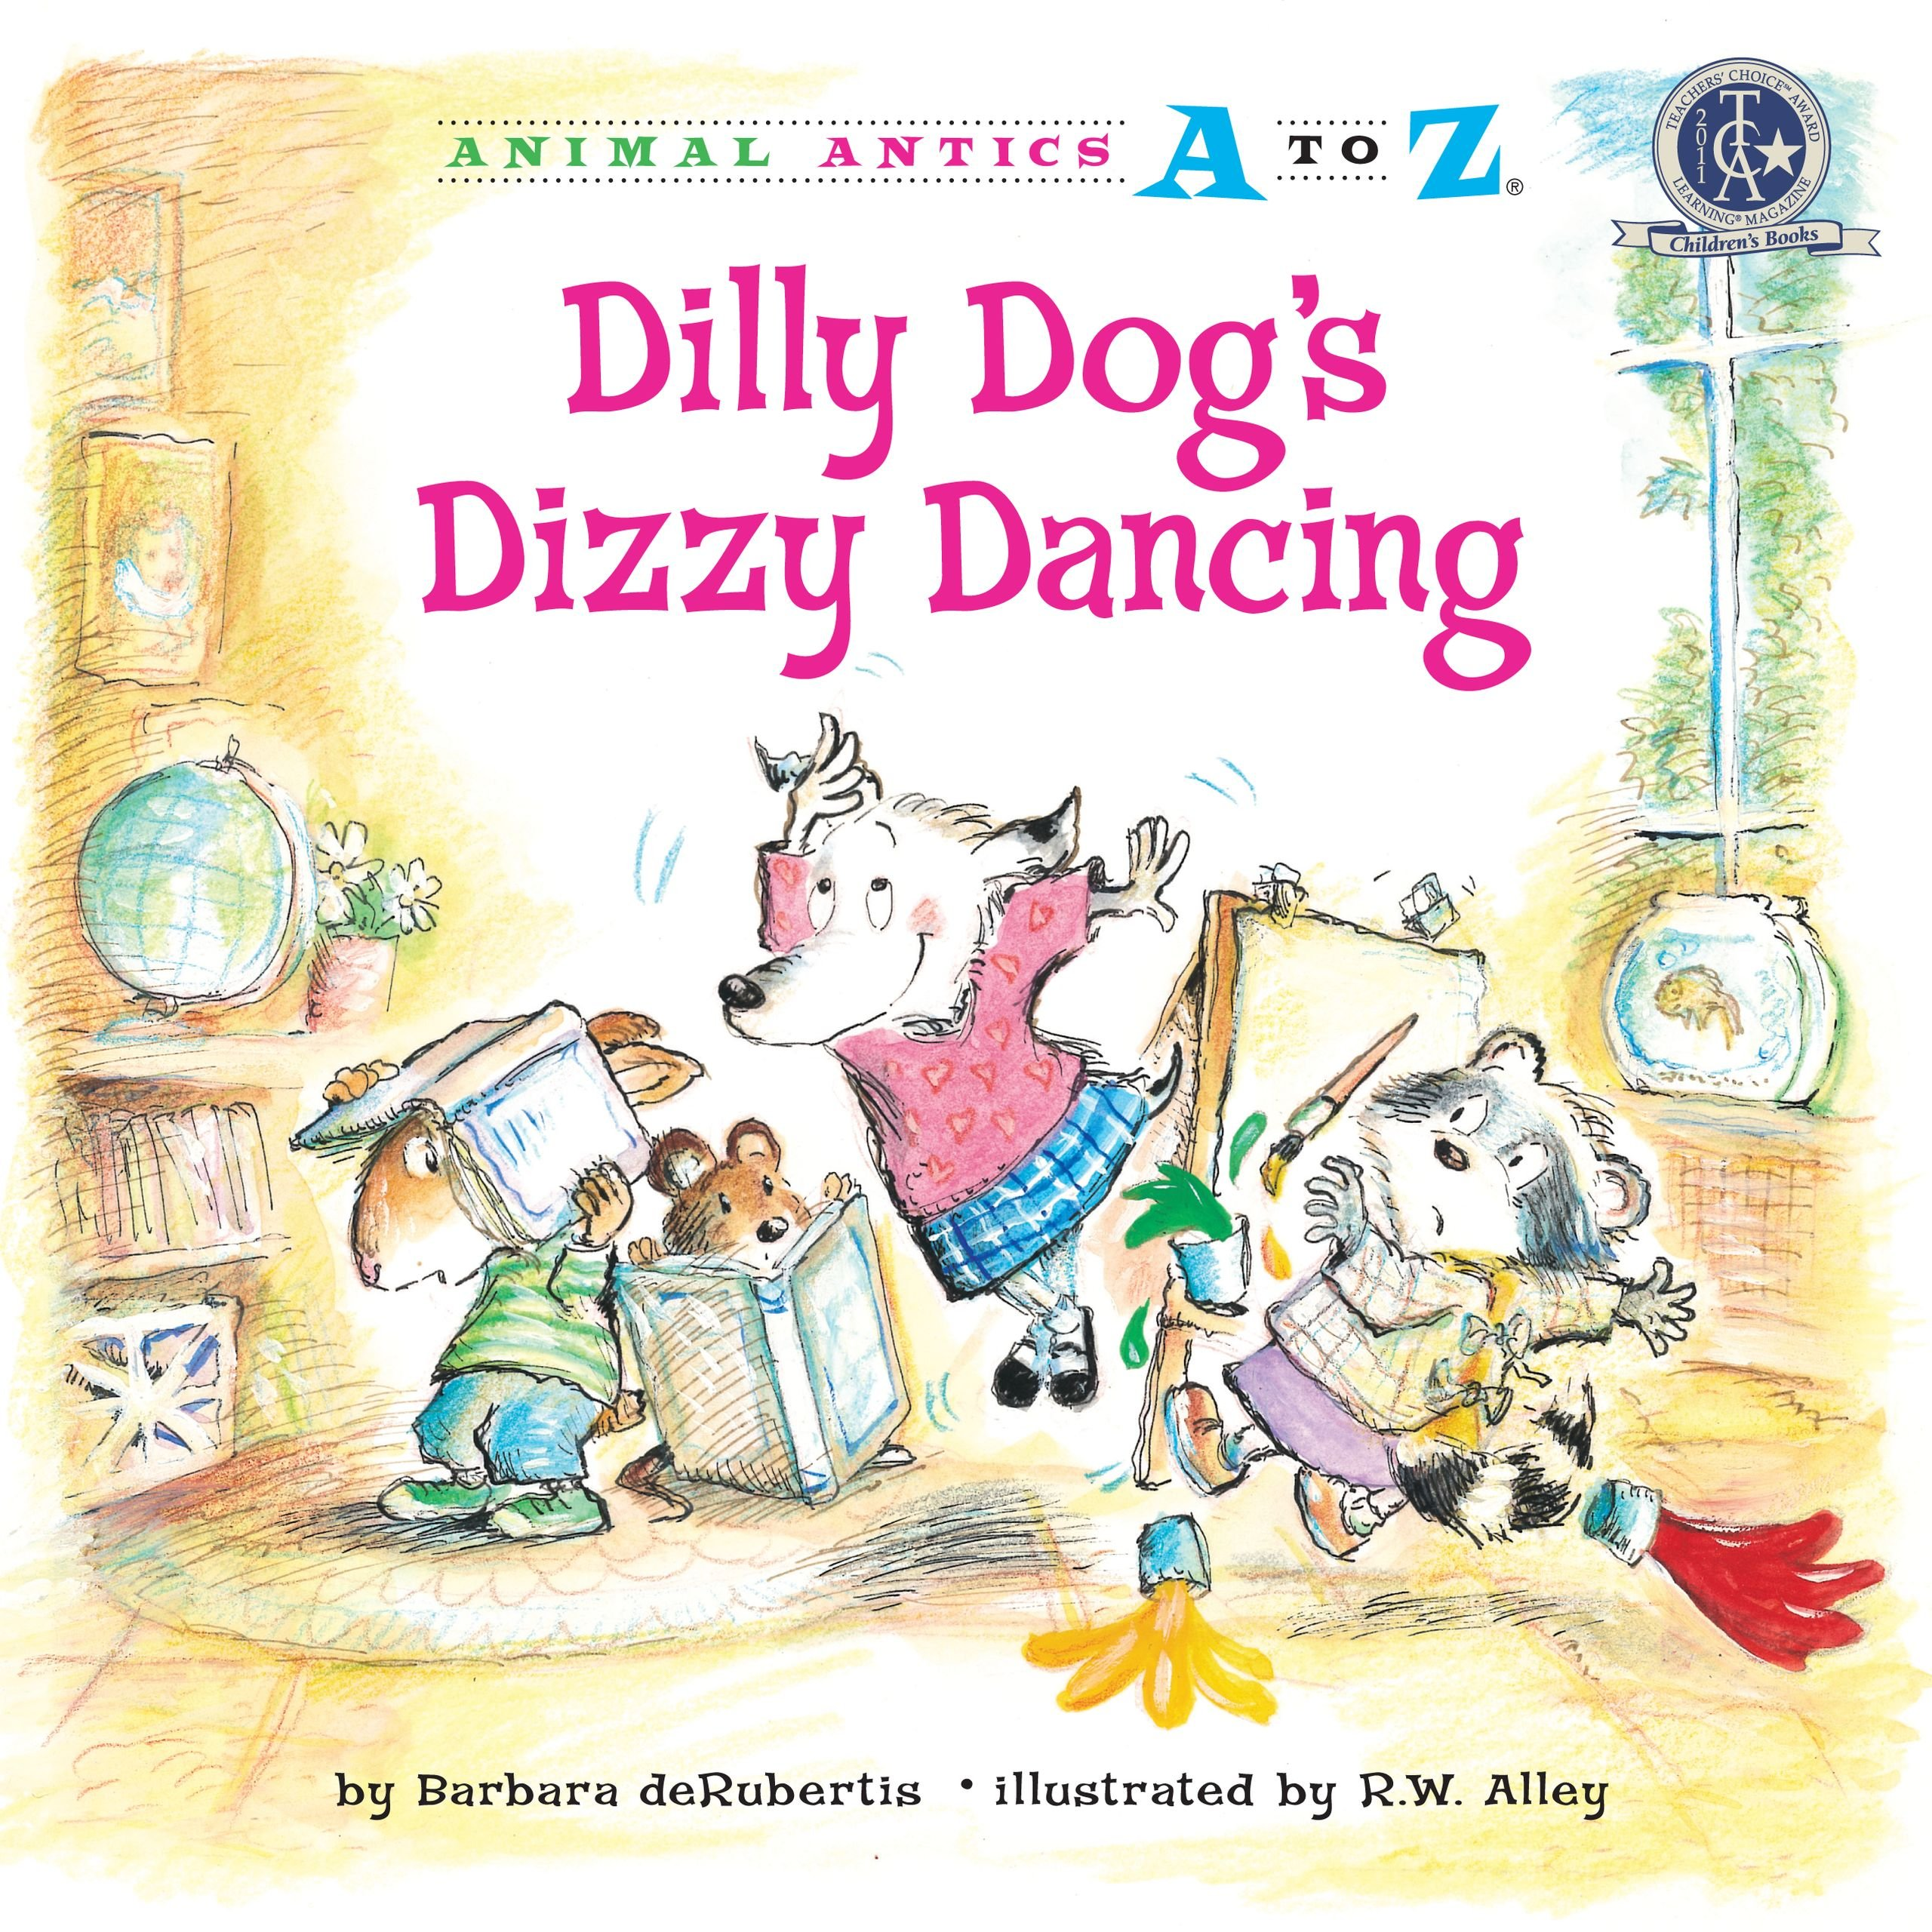 dilly-dog-s-dizzy-dancing-animal-antics-a-to-z